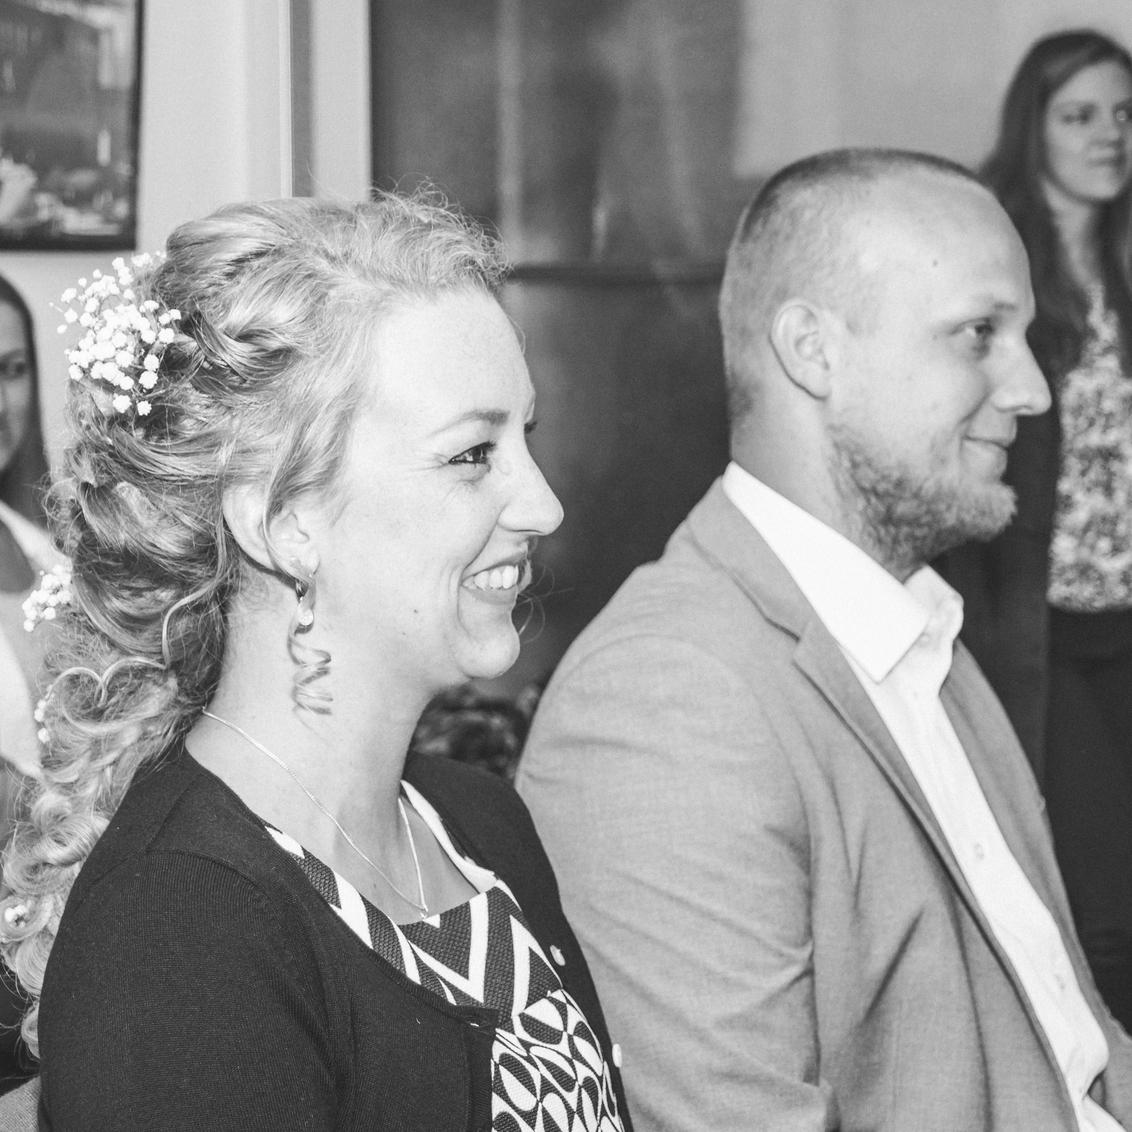 Bruid - Mijn vriendin ging trouwen. Ze zag er zo gelukkig uit! - foto door s.viset op 10-05-2017 - deze foto bevat: vrouw, zwartwit, bruid, closeup, flitser